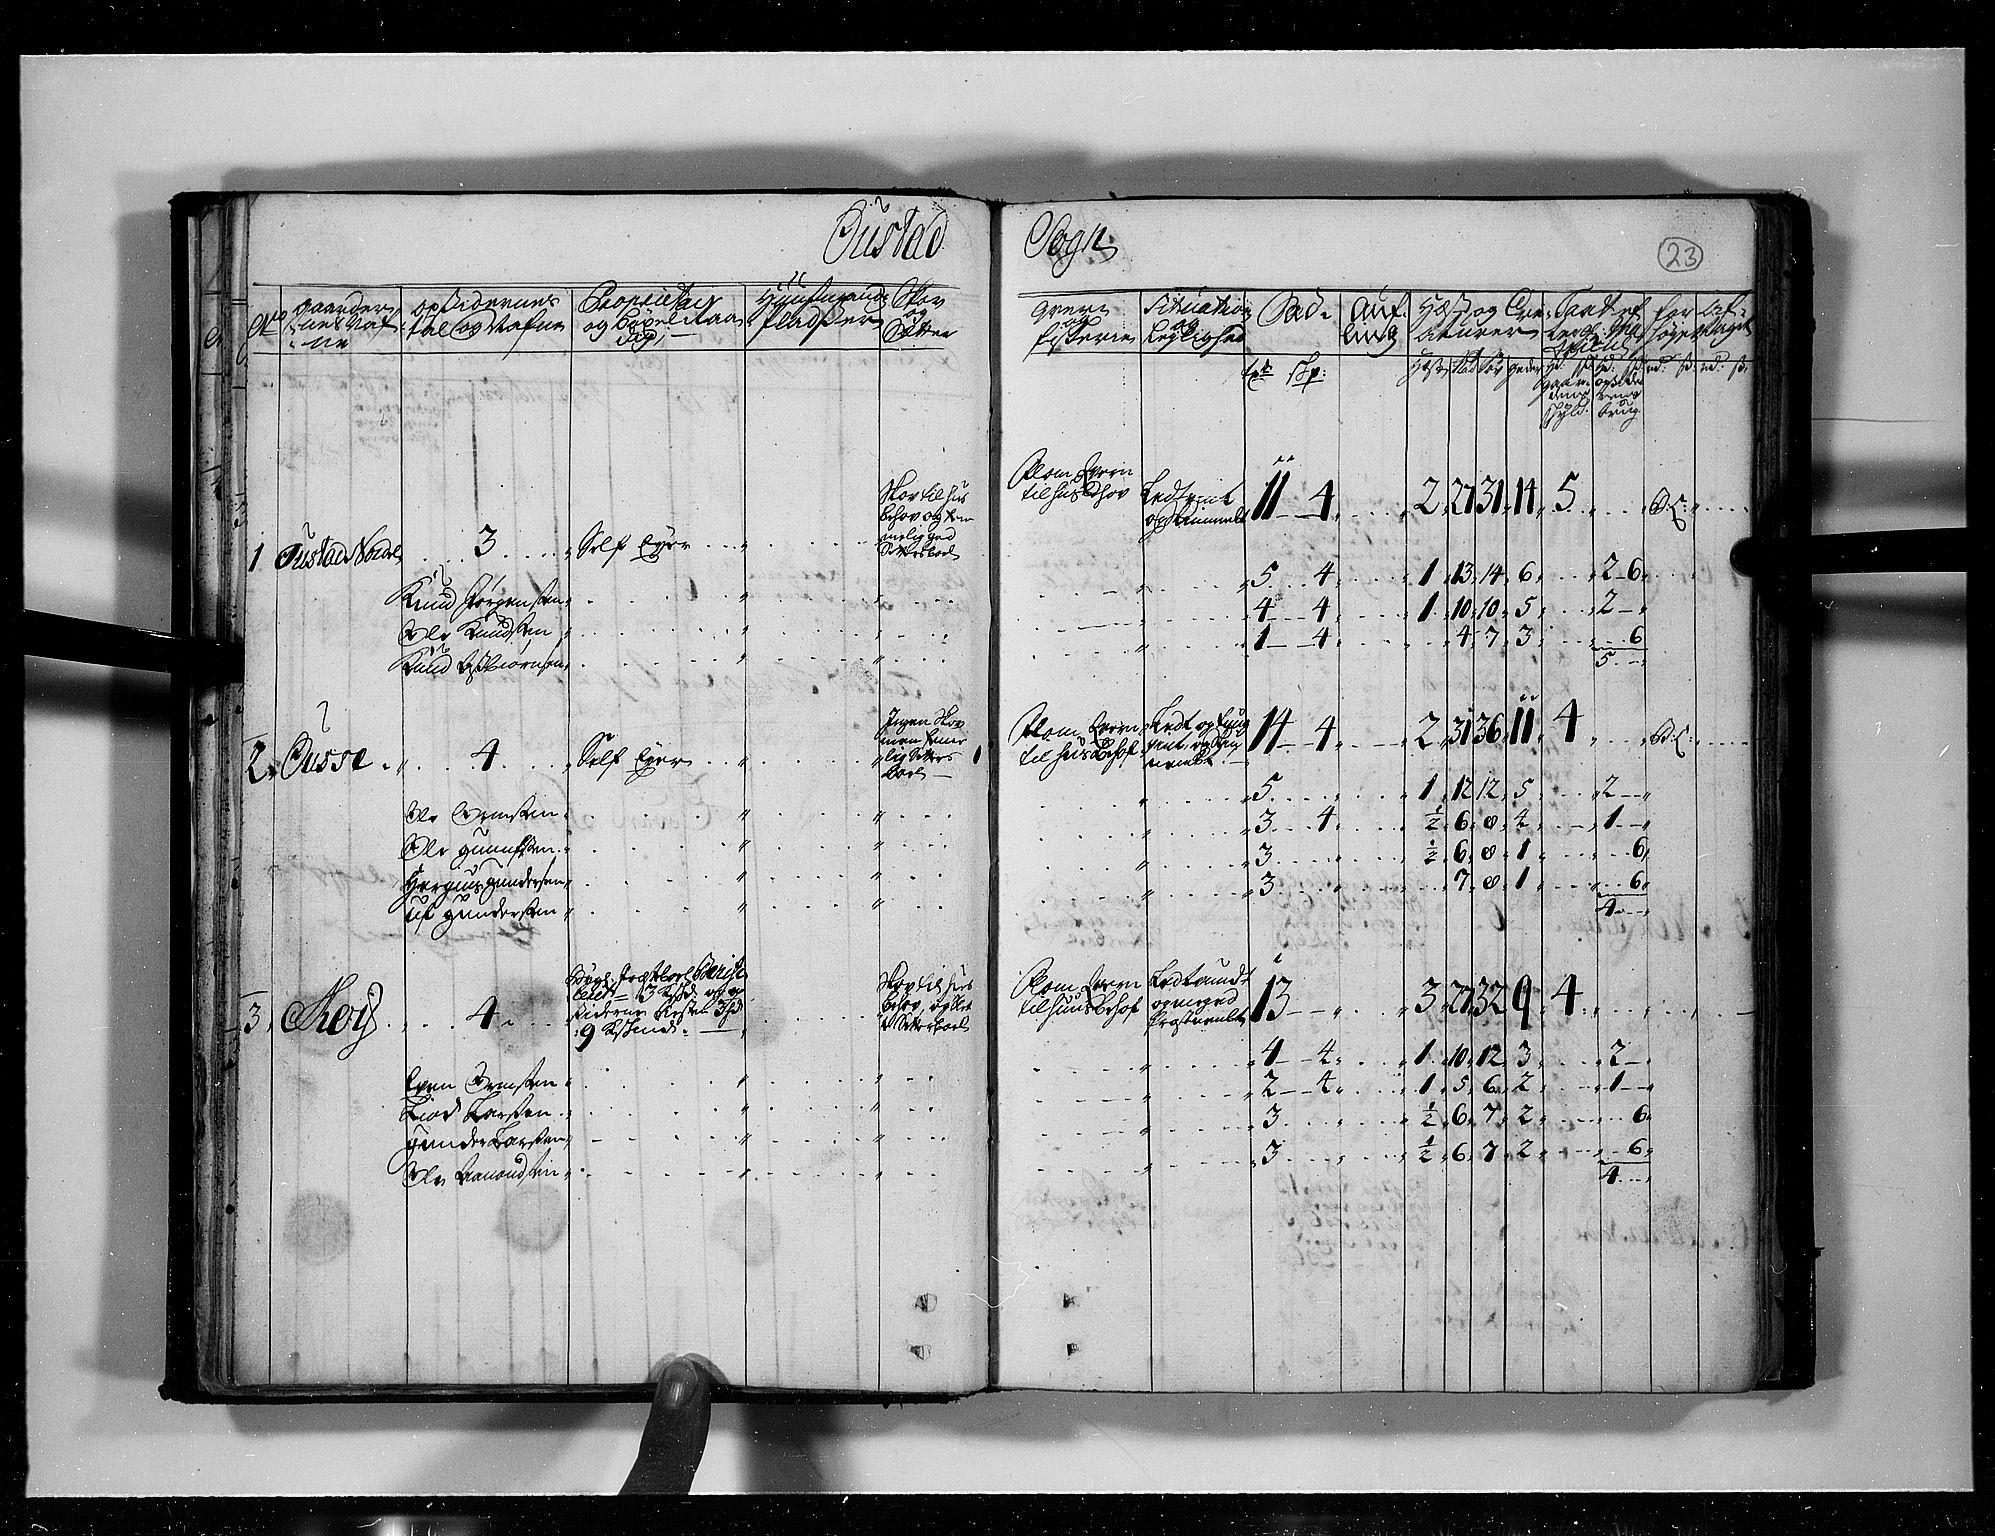 RA, Rentekammeret inntil 1814, Realistisk ordnet avdeling, N/Nb/Nbf/L0125: Råbyggelag eksaminasjonsprotokoll, 1723, s. 22b-23a